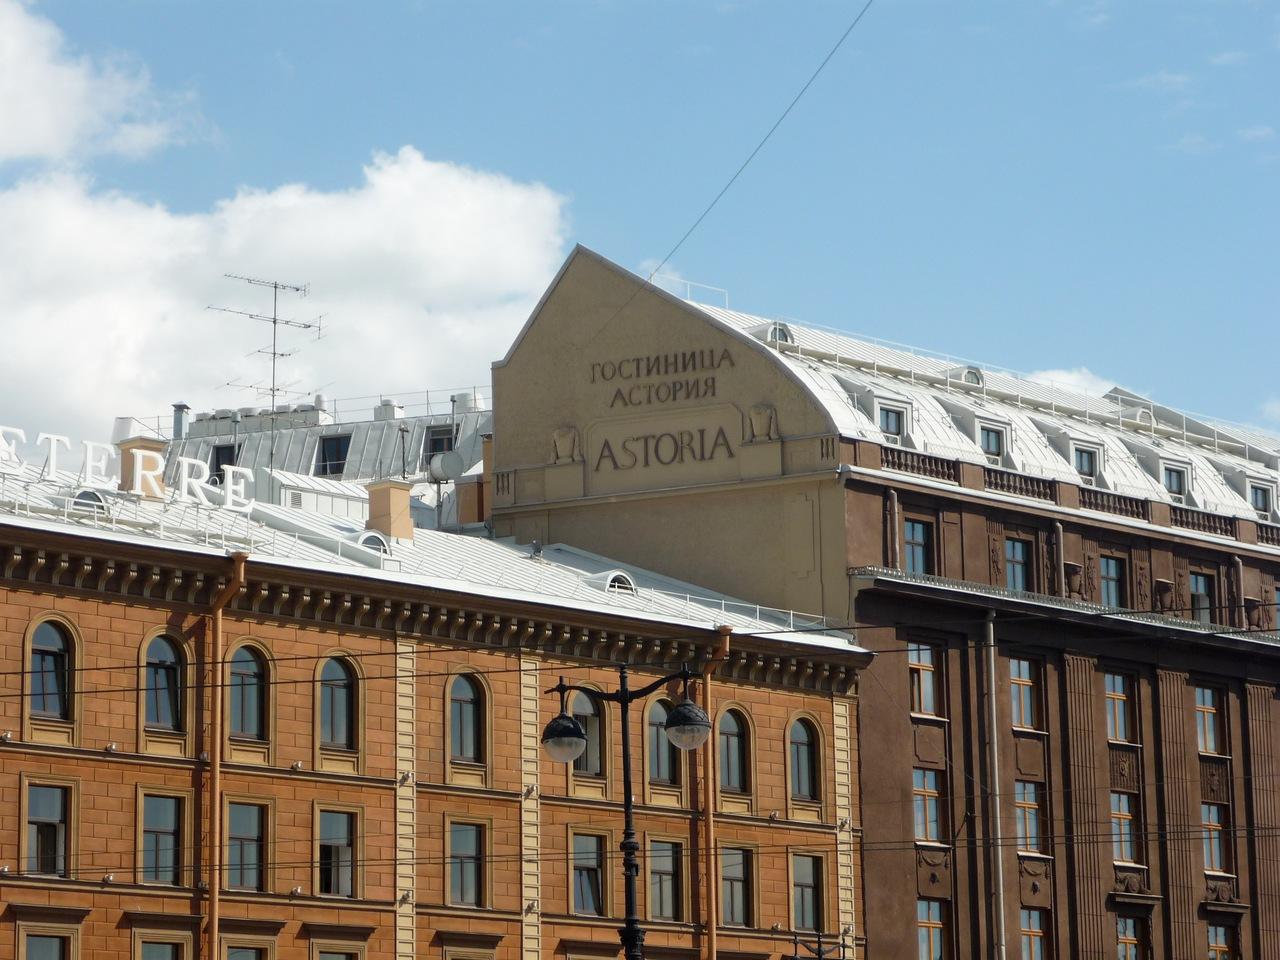 Astoria hotel / Астория отель 5* (Санкт-Петербург,Россия) описание ...   960x1280